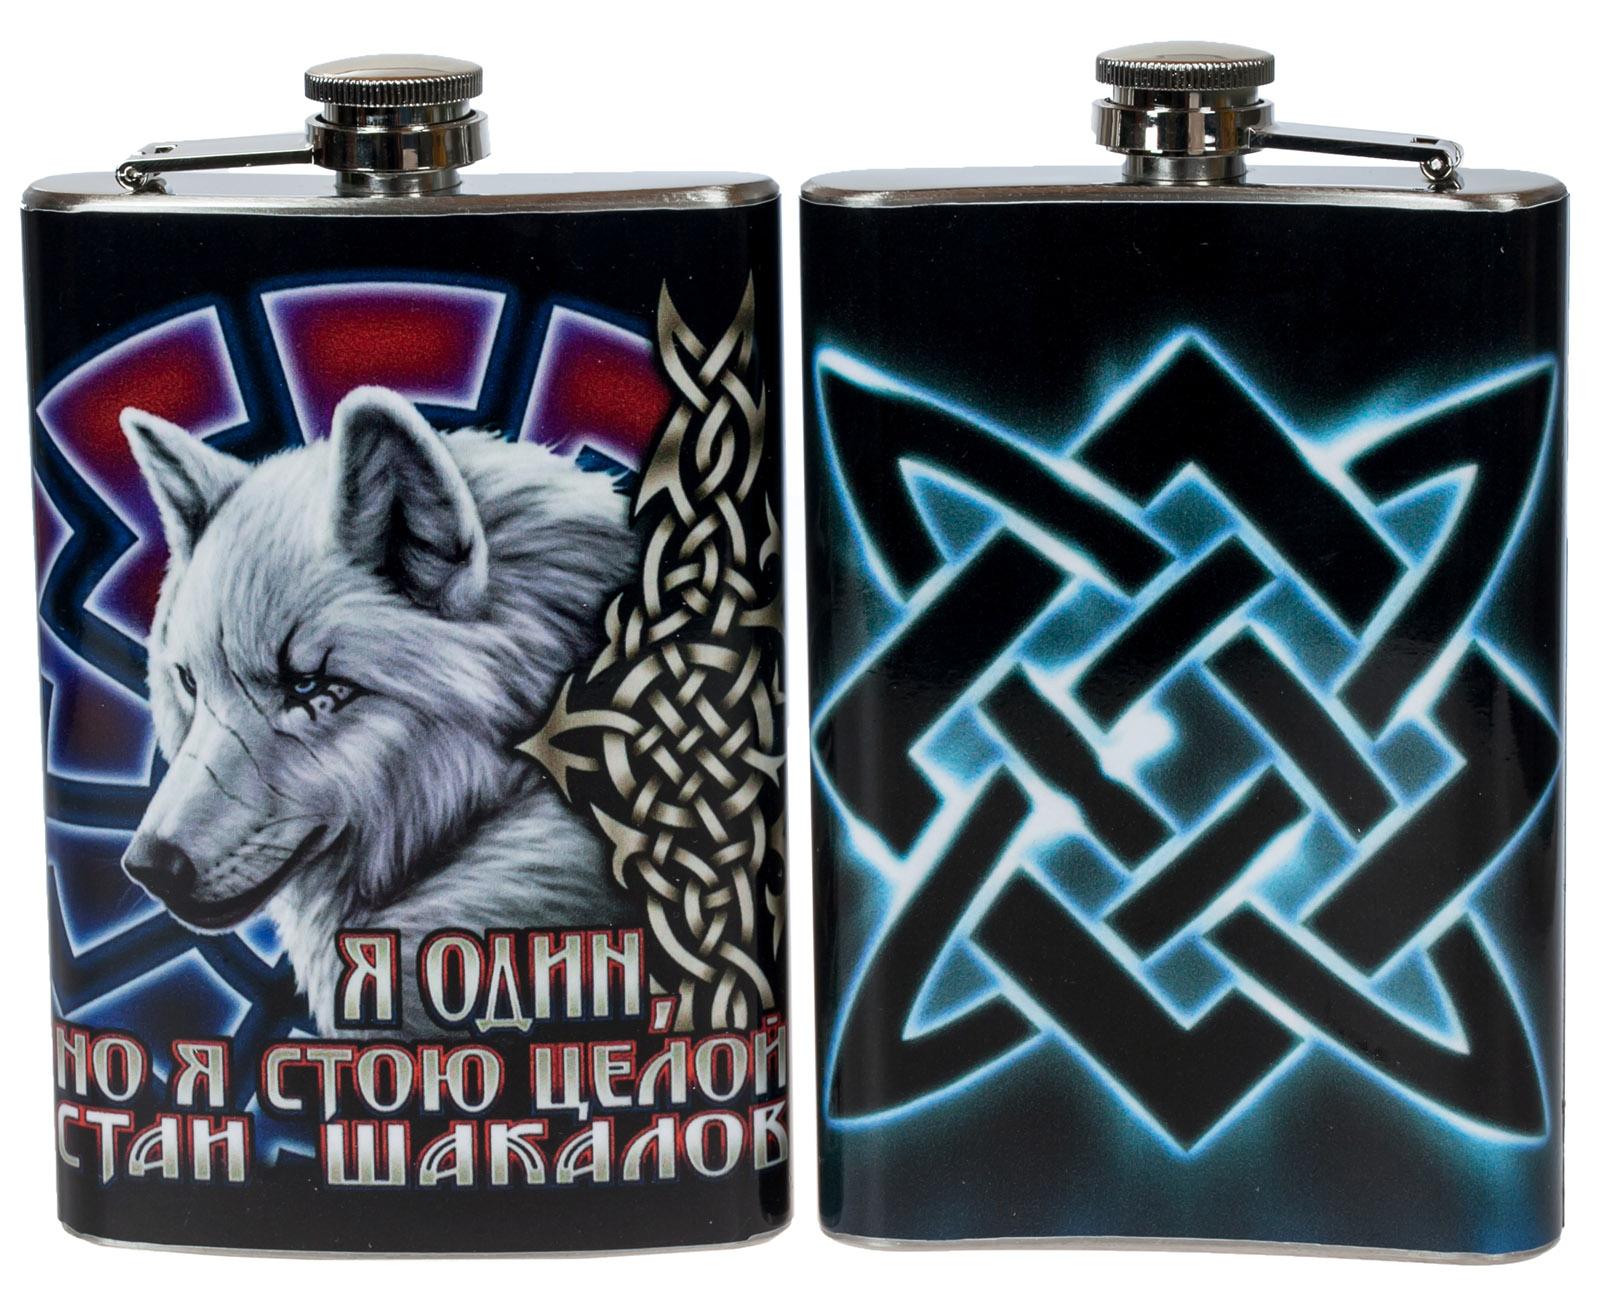 Фляжка «Одинокий волк» заказать онлайн